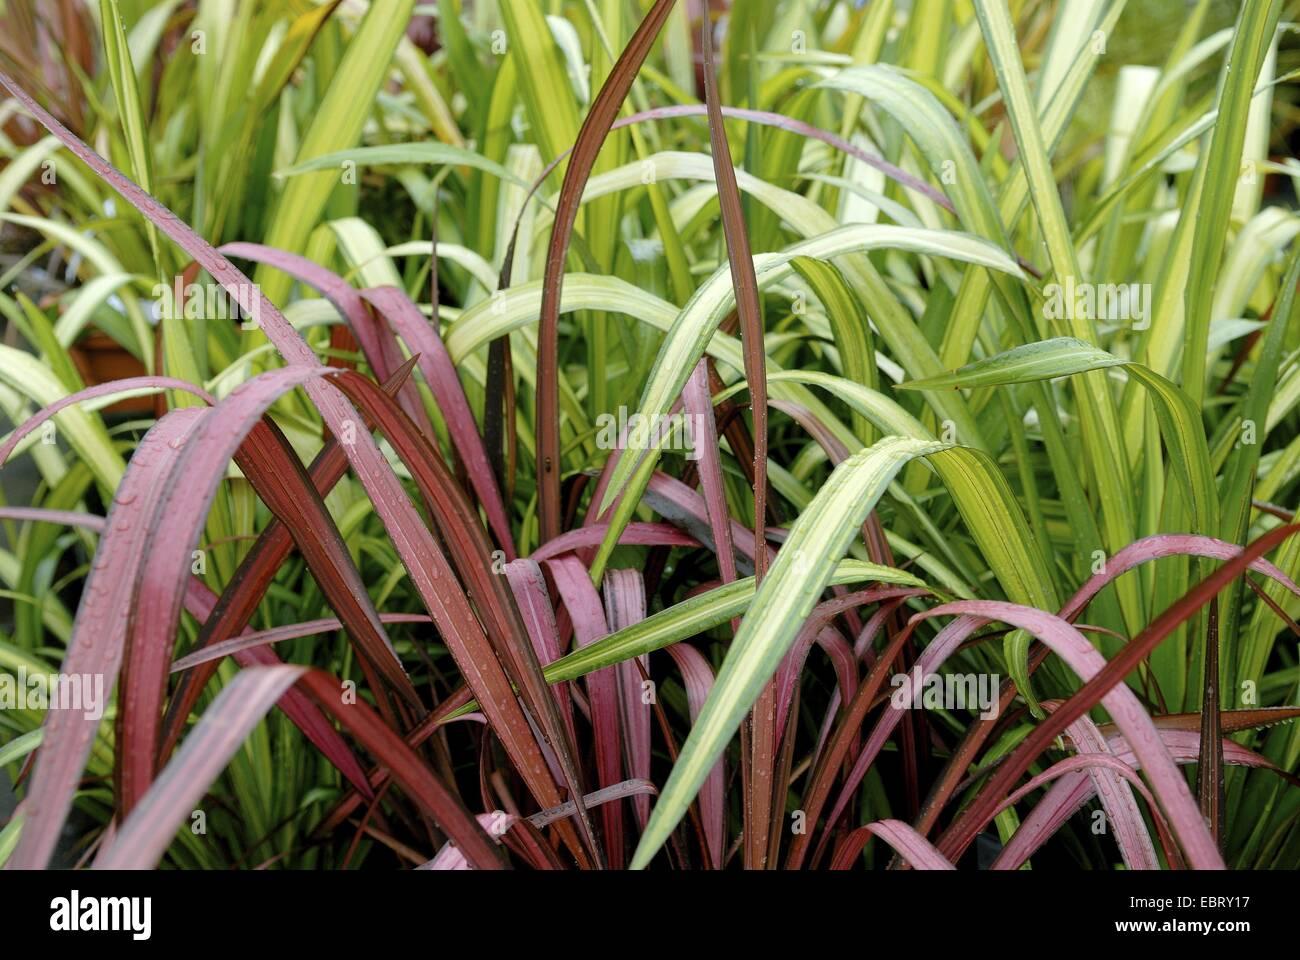 new zealand flax (Phormium 'Yellow Wave', Phormium Yellow Wave), cultivar Yellow Wave - Stock Image